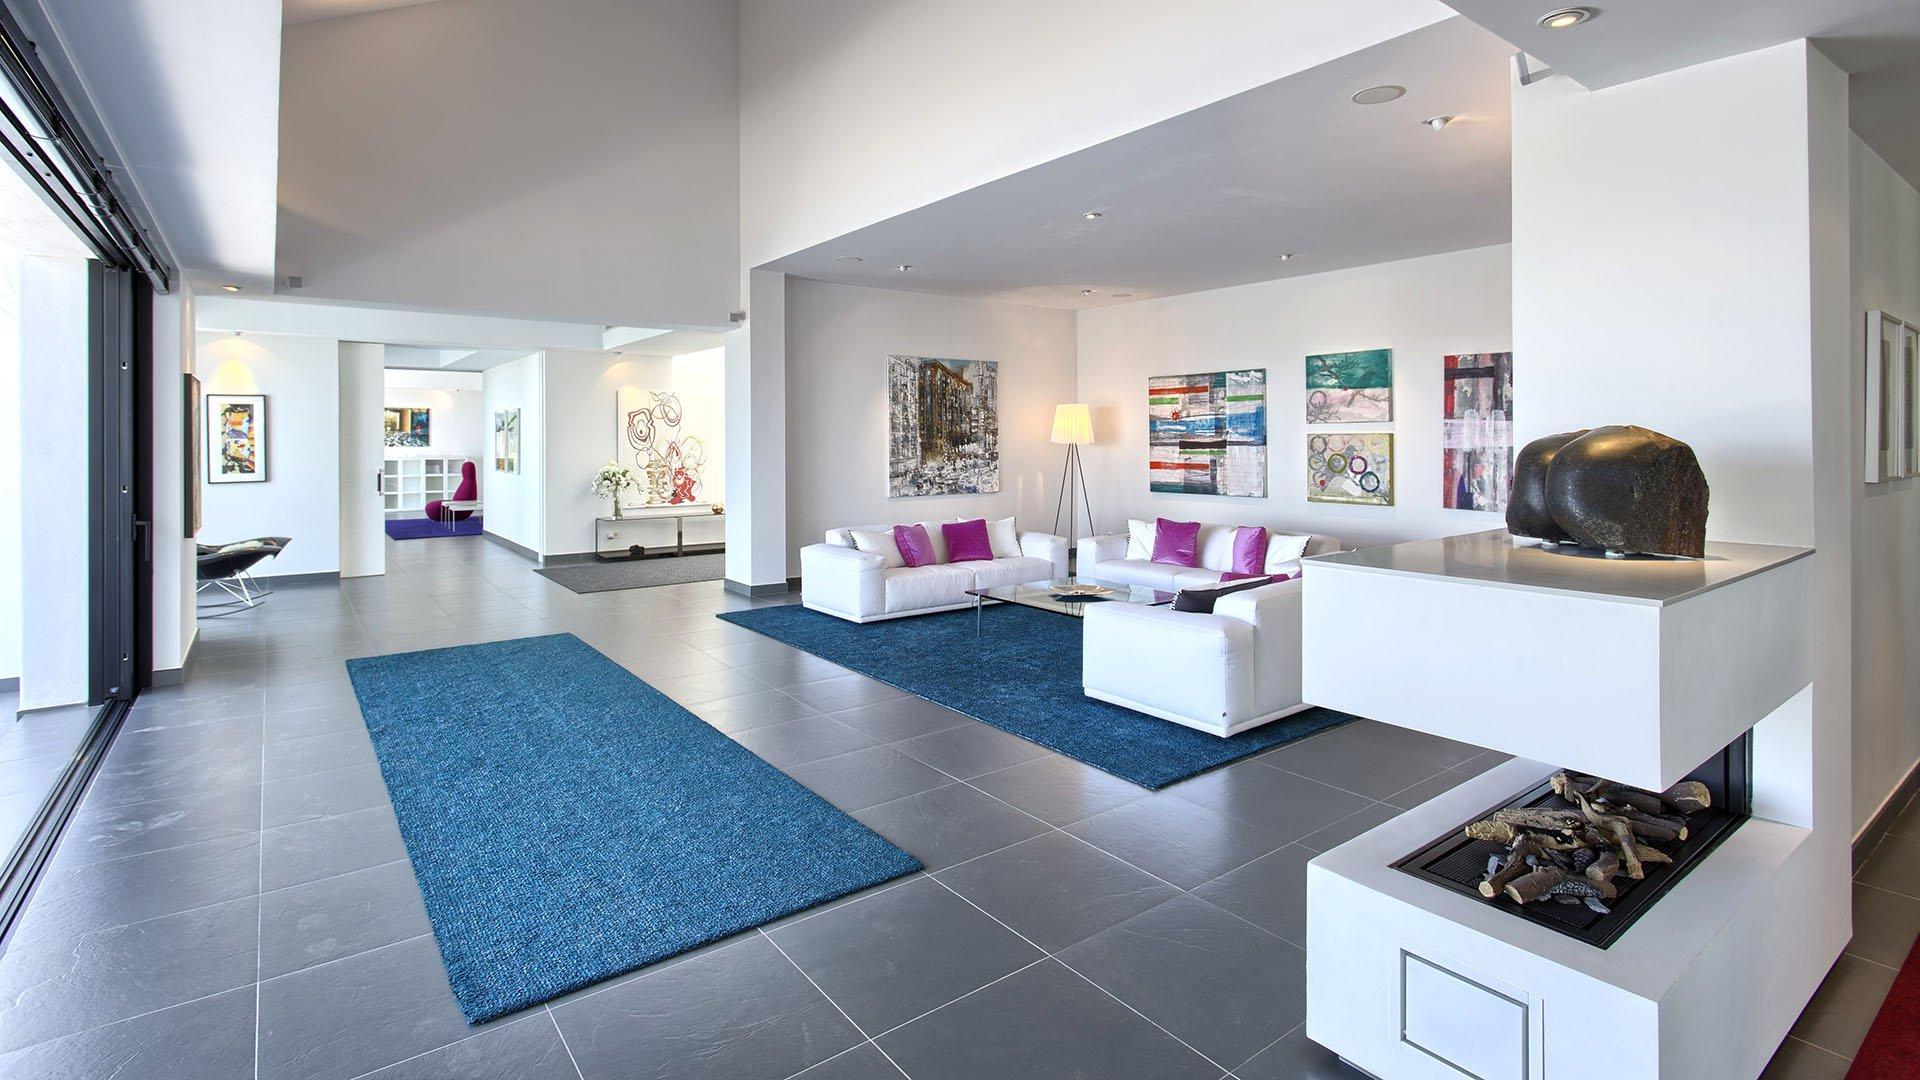 Villa 120 Los Flamingos Golf: Verbluffende moderne villa met panoramisch uitzicht